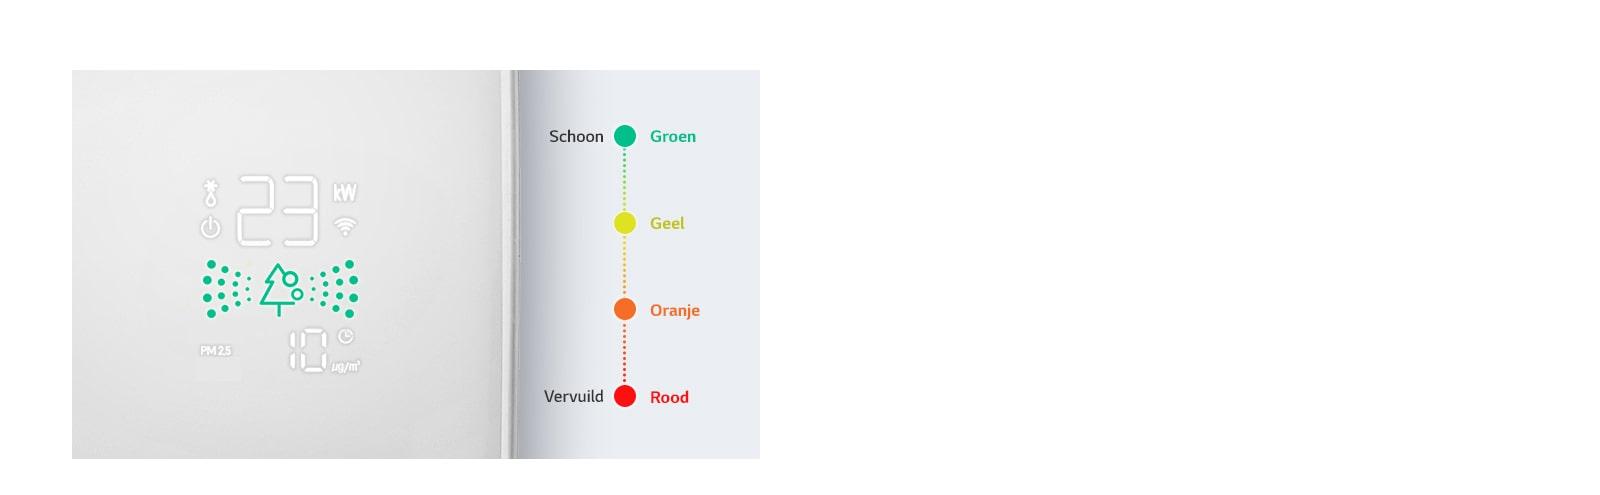 4-kleuren Smart Display1